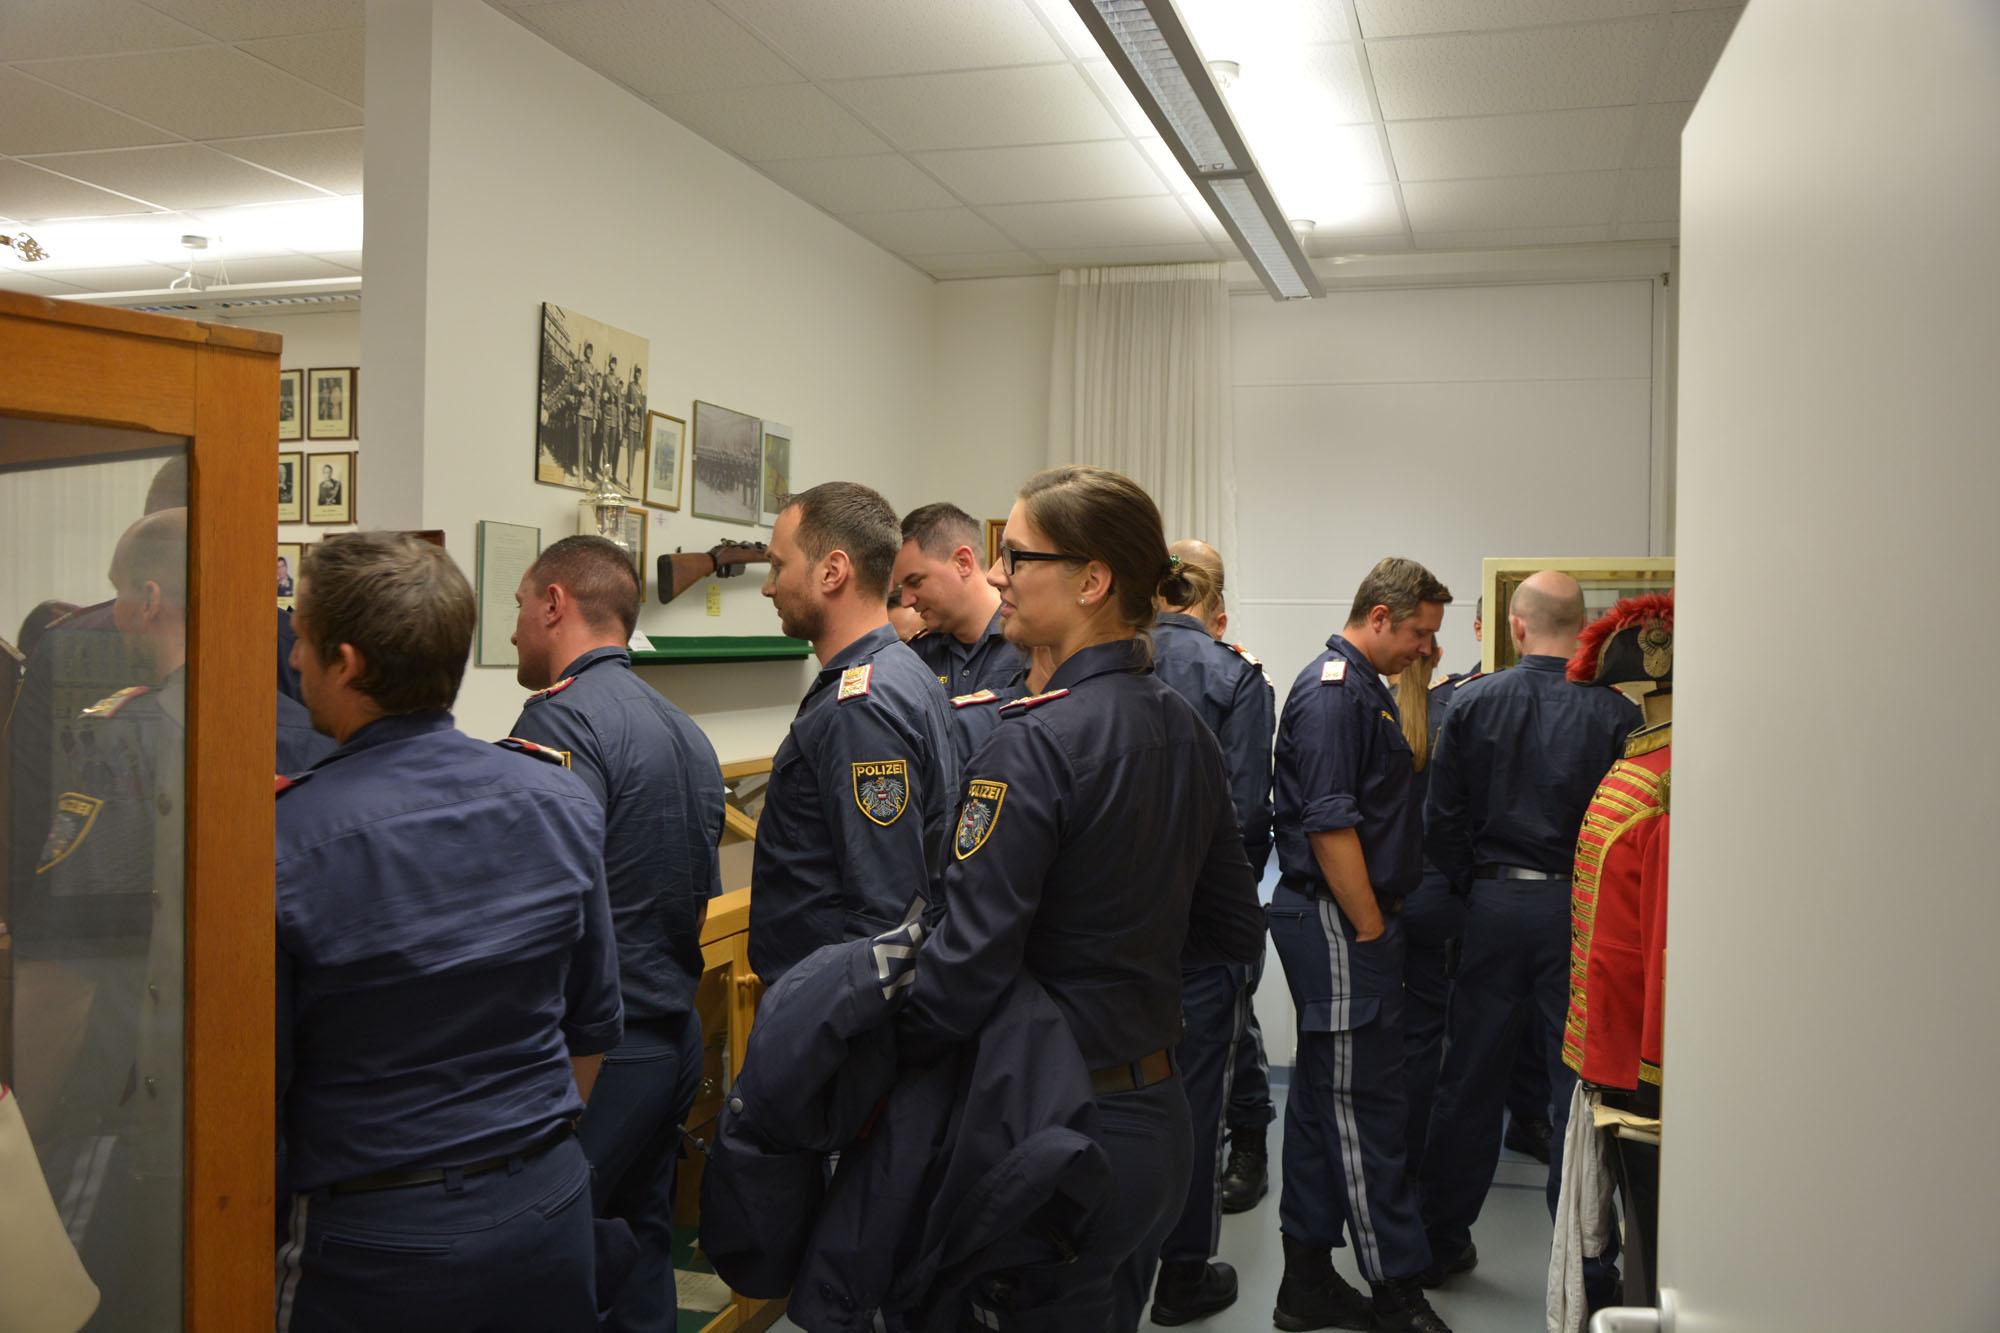 2019_09_19_Garde_Polizei_Traditionsraum-Offiziersanwärter_008